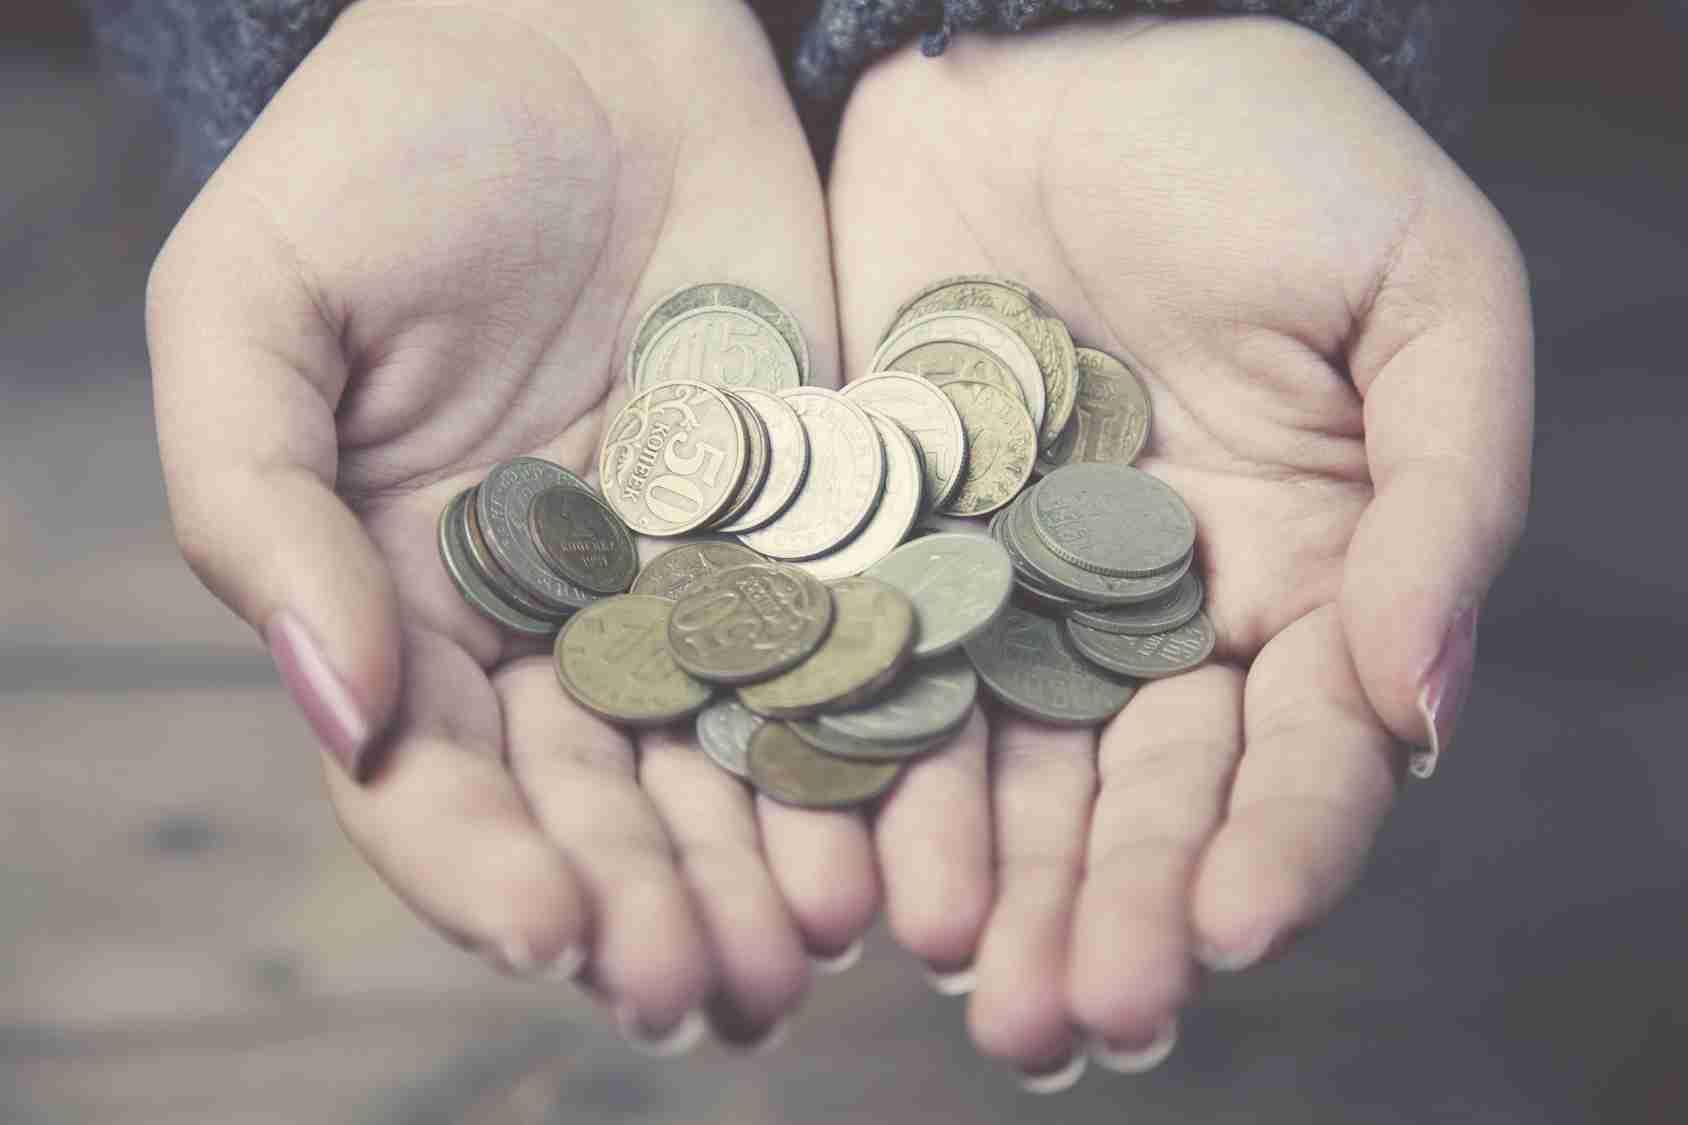 金持ちかよっ!「小銭で財布パンパン」な女子に抱く男の本音3つ - VenusTap(ヴィーナスタップ)